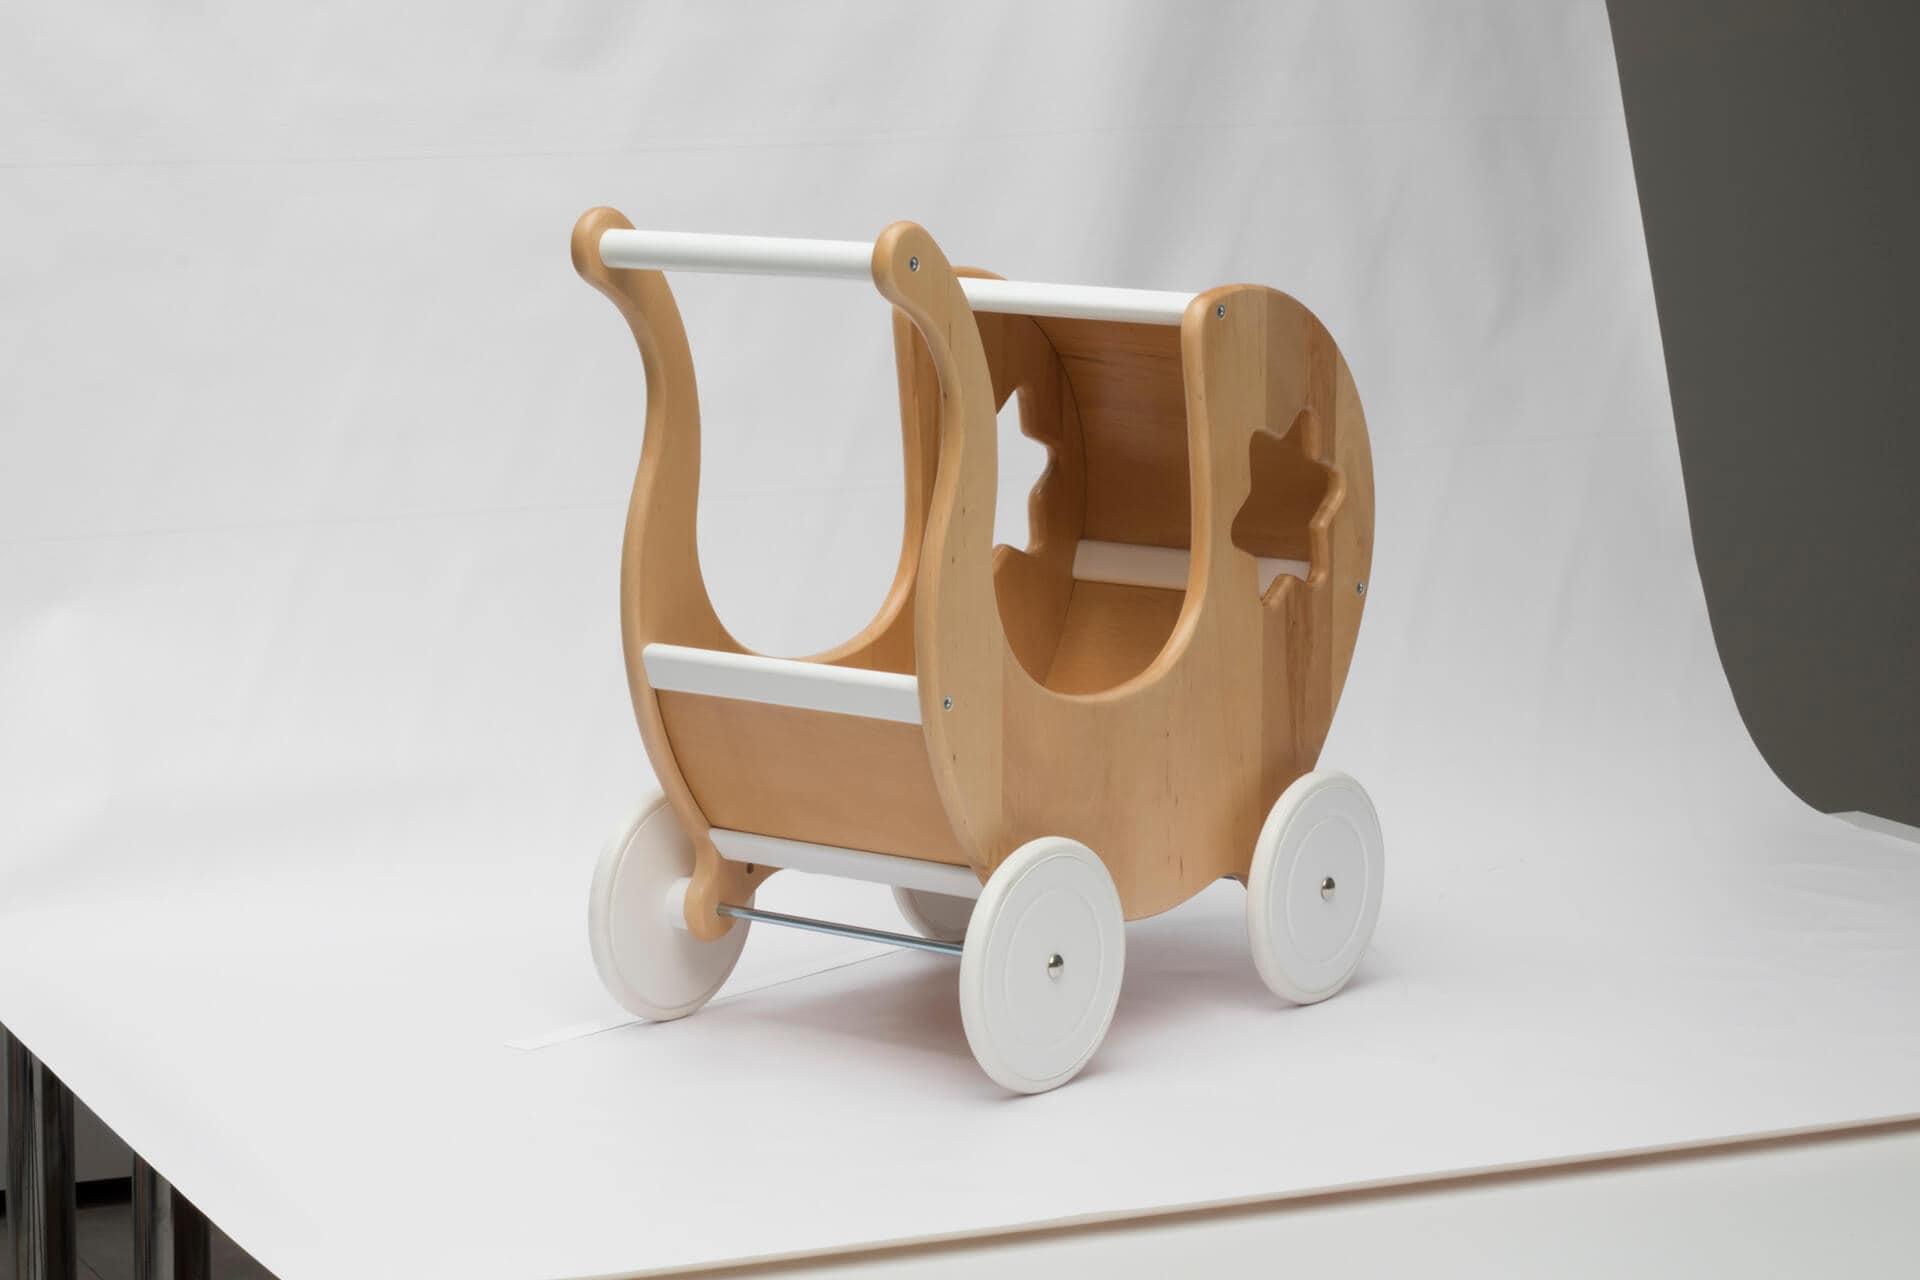 Jak powstają drewniane zabawki?